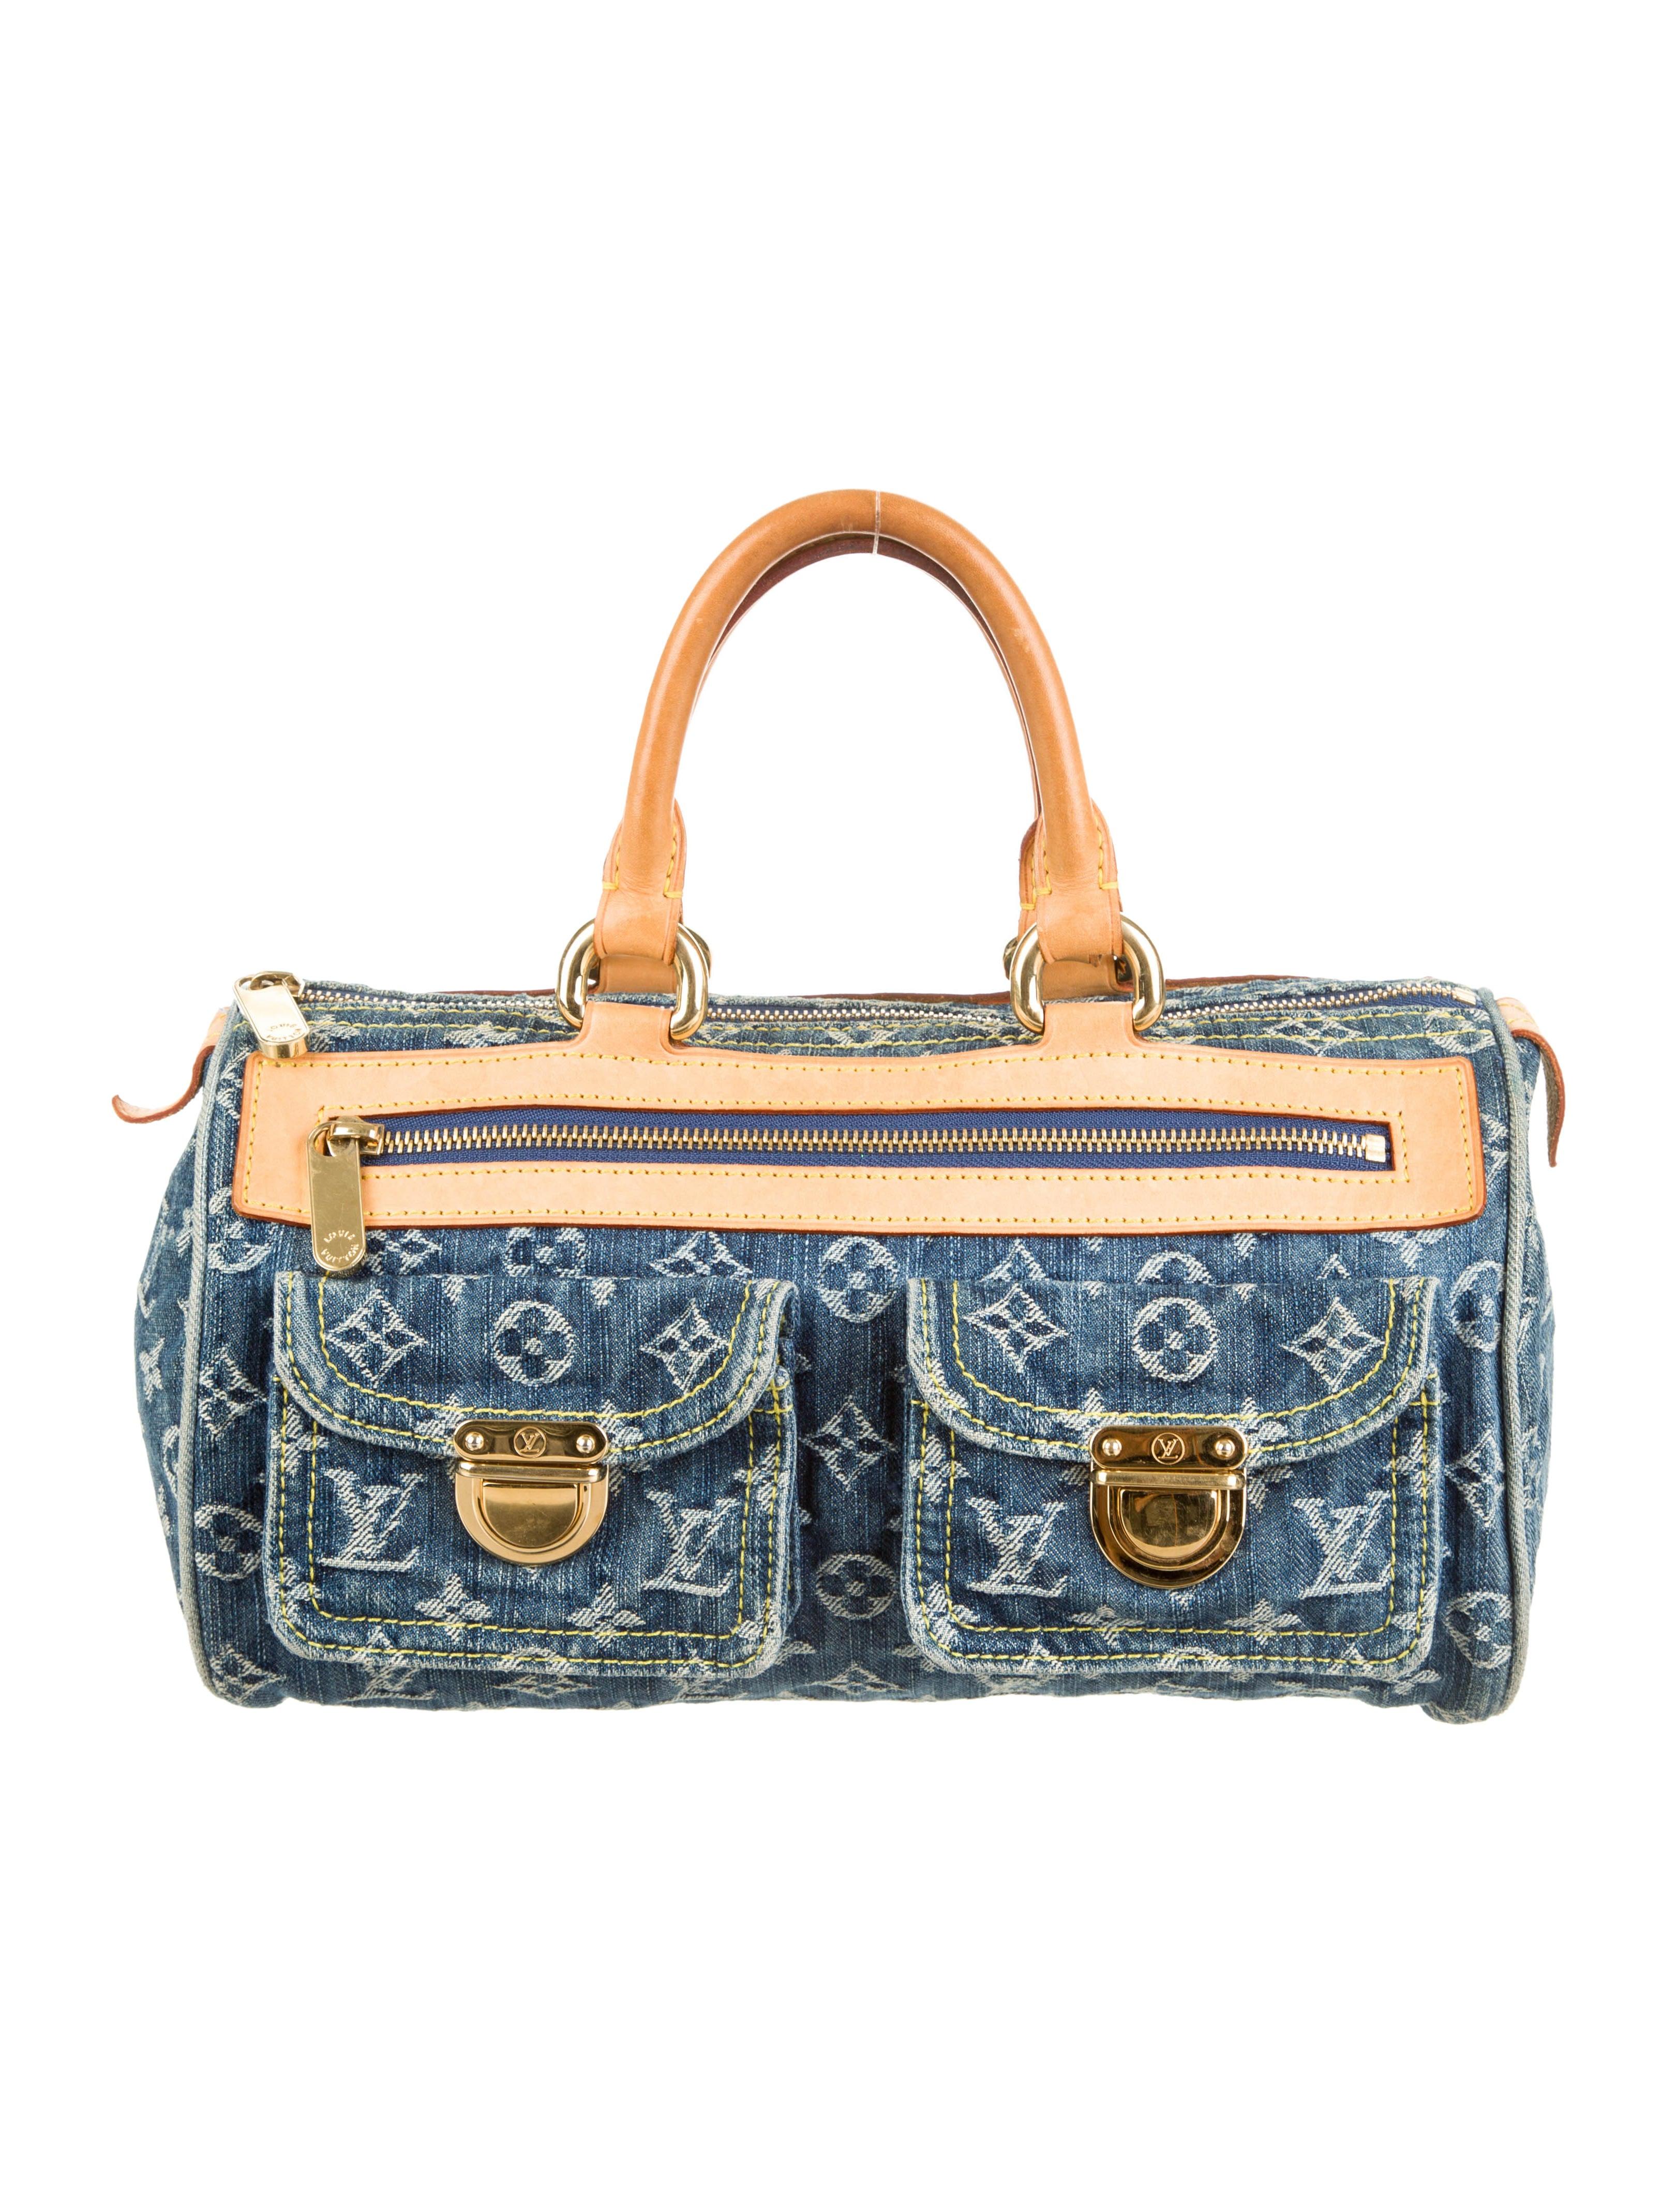 Louis Vuitton Denim Neo Speedy Bag - Handbags - LOU53961 | The RealReal